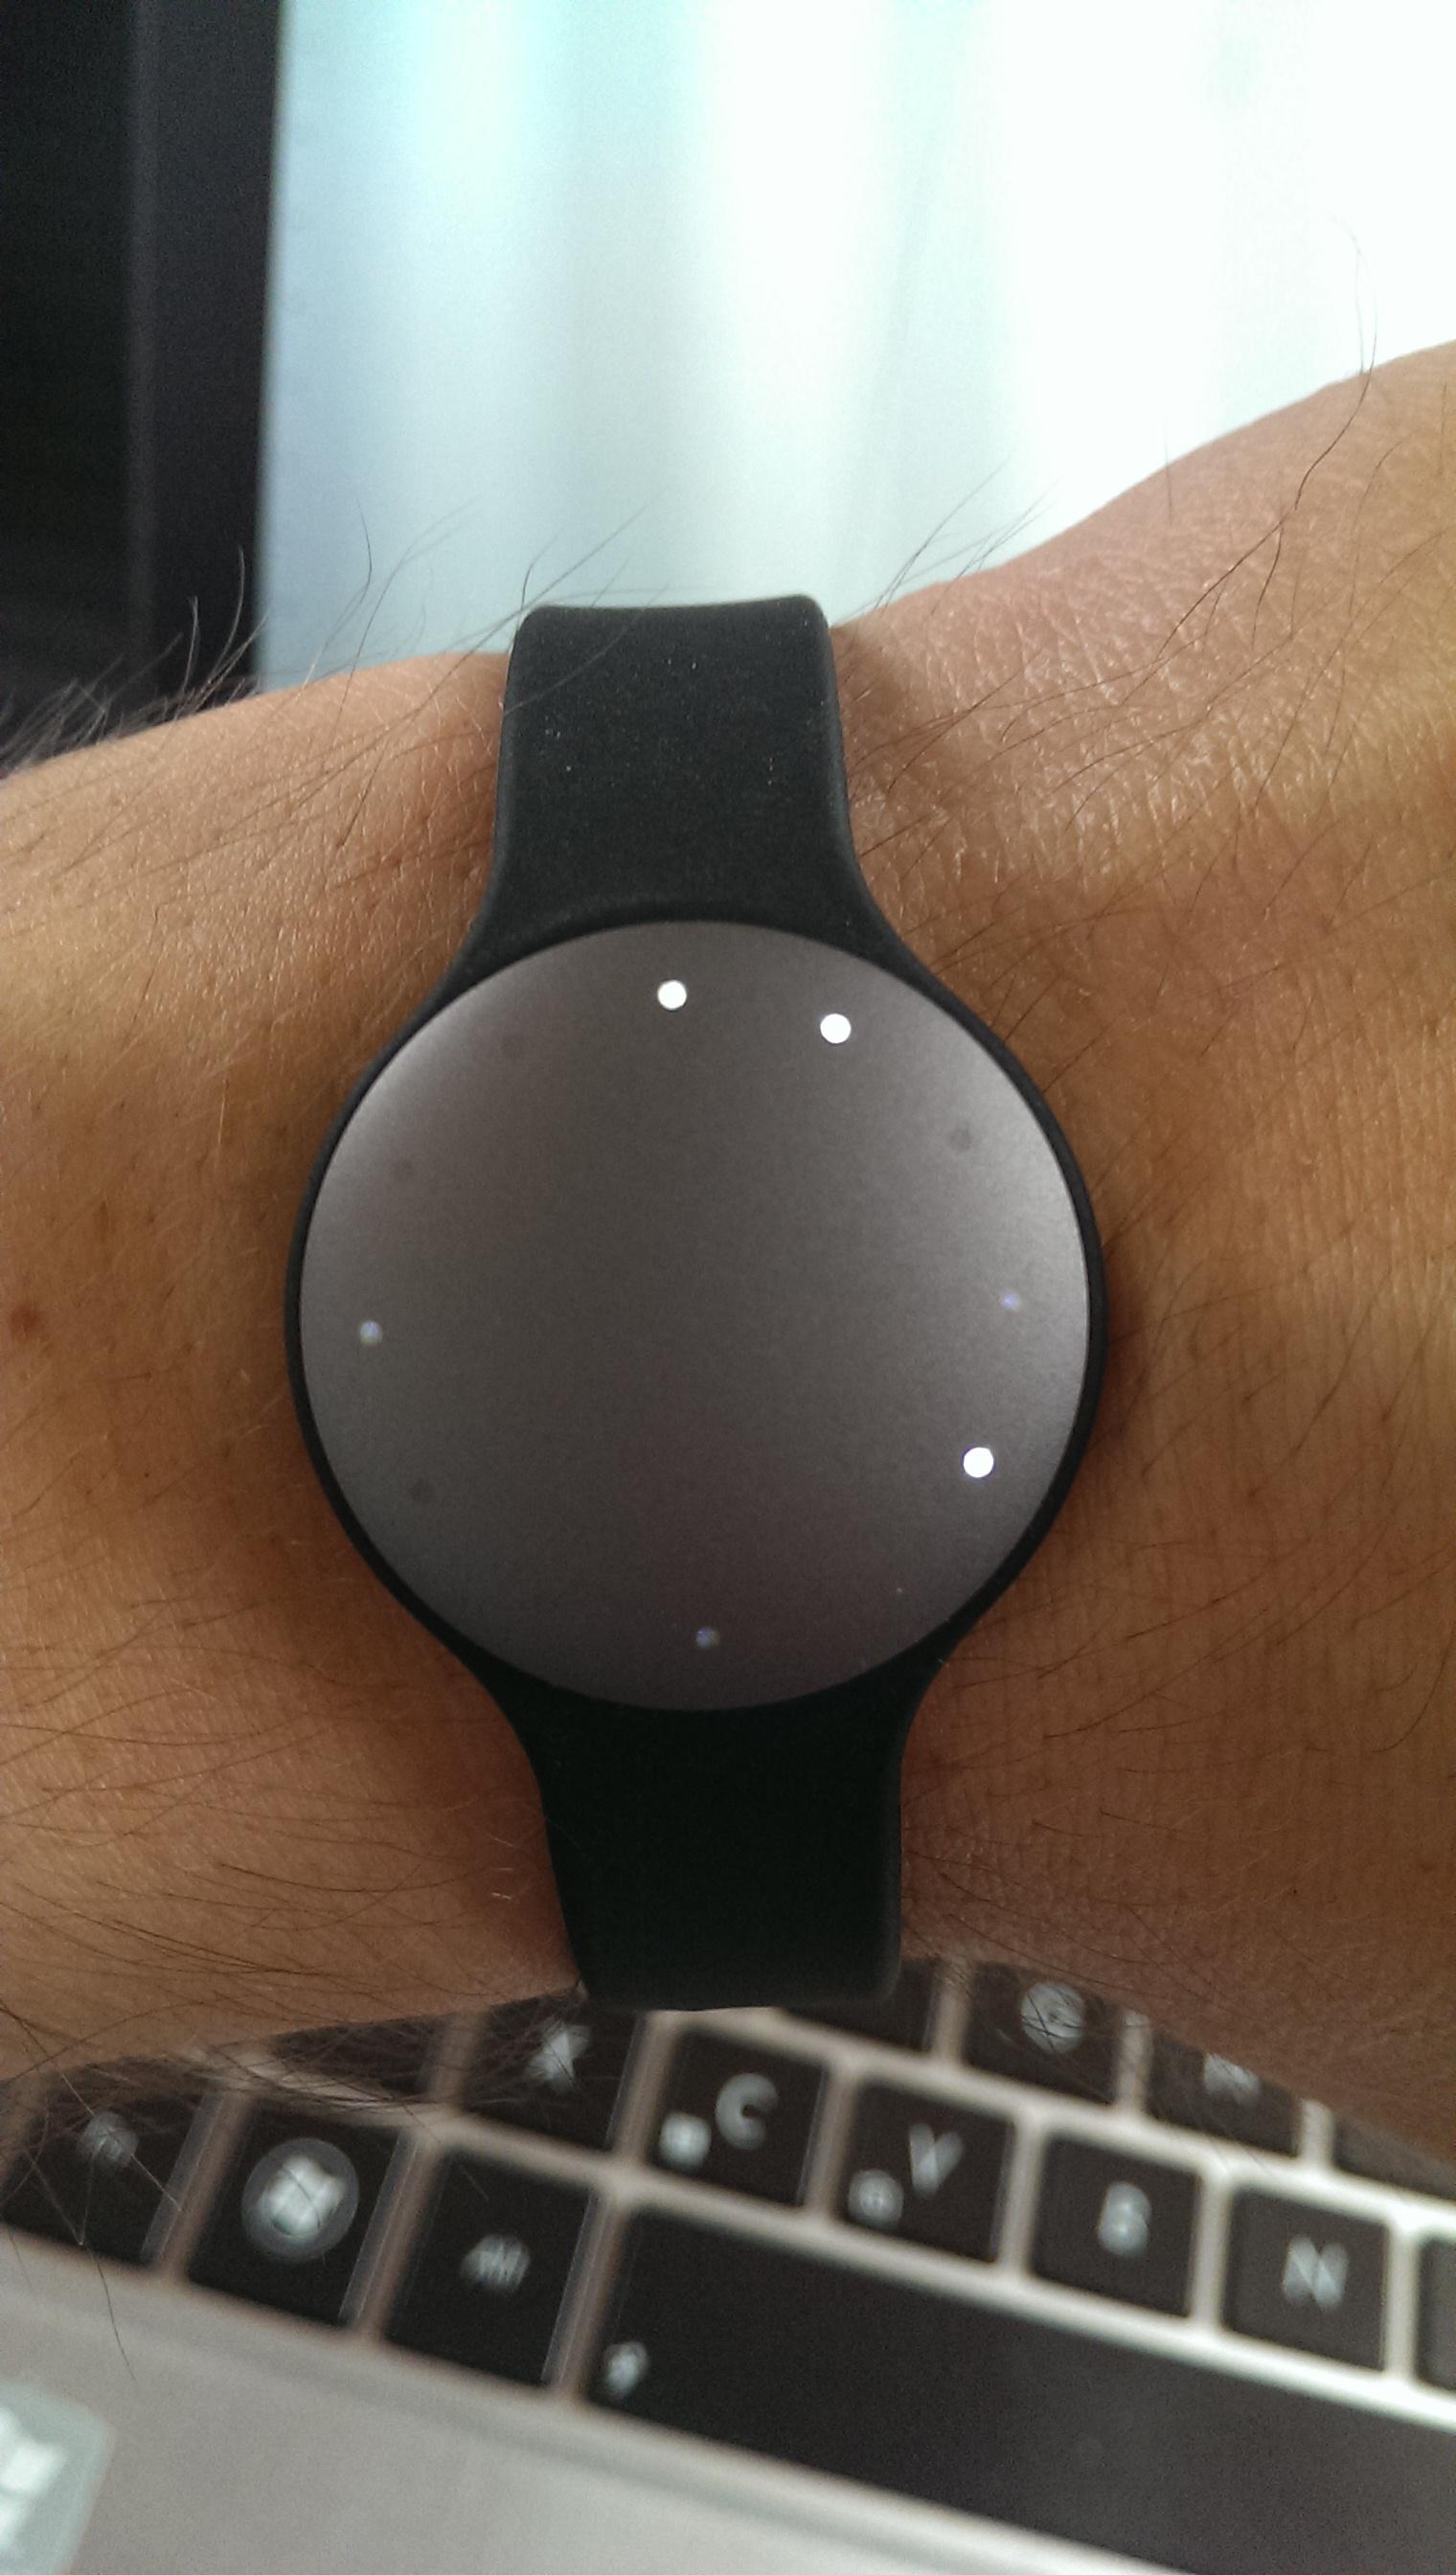 sony-smartwatch-wrist